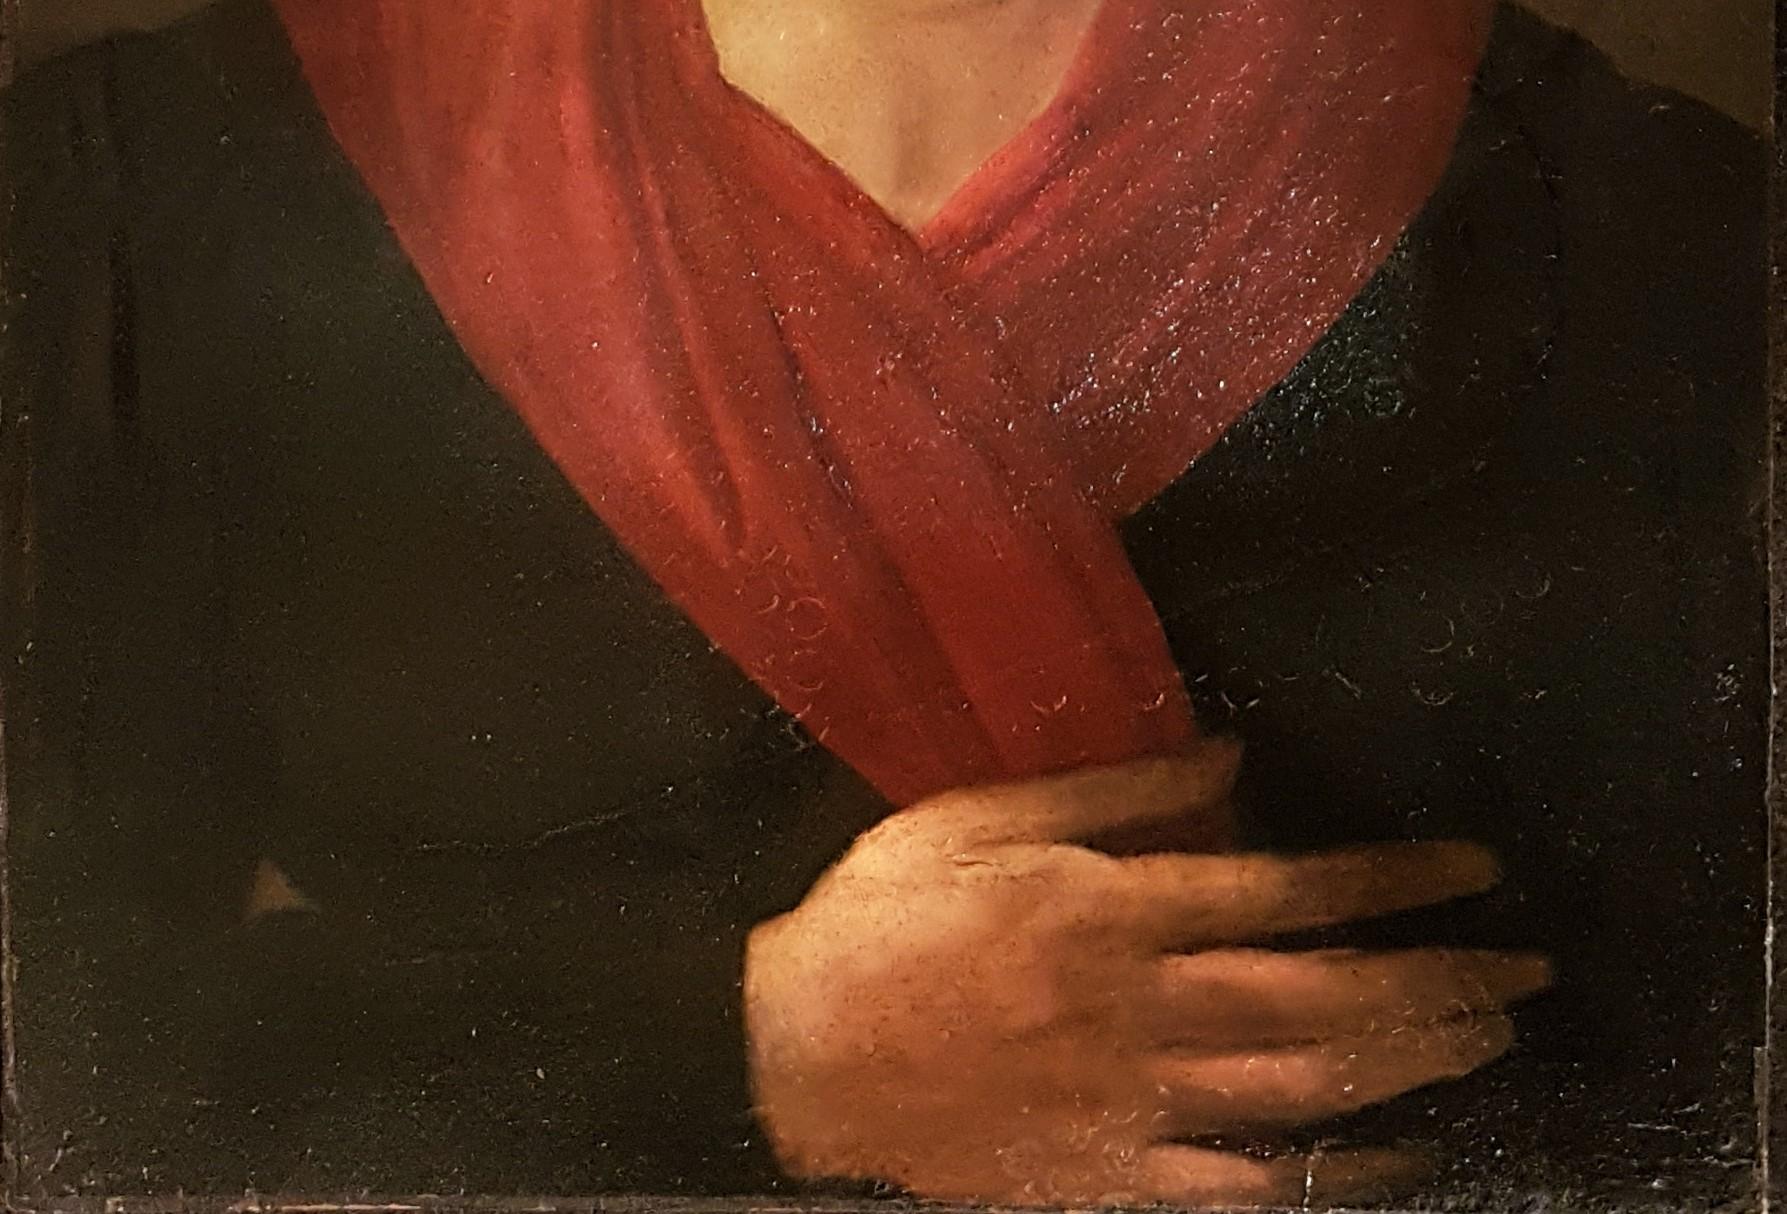 thumb2|Ritratto di donna - Donnino Pozzi